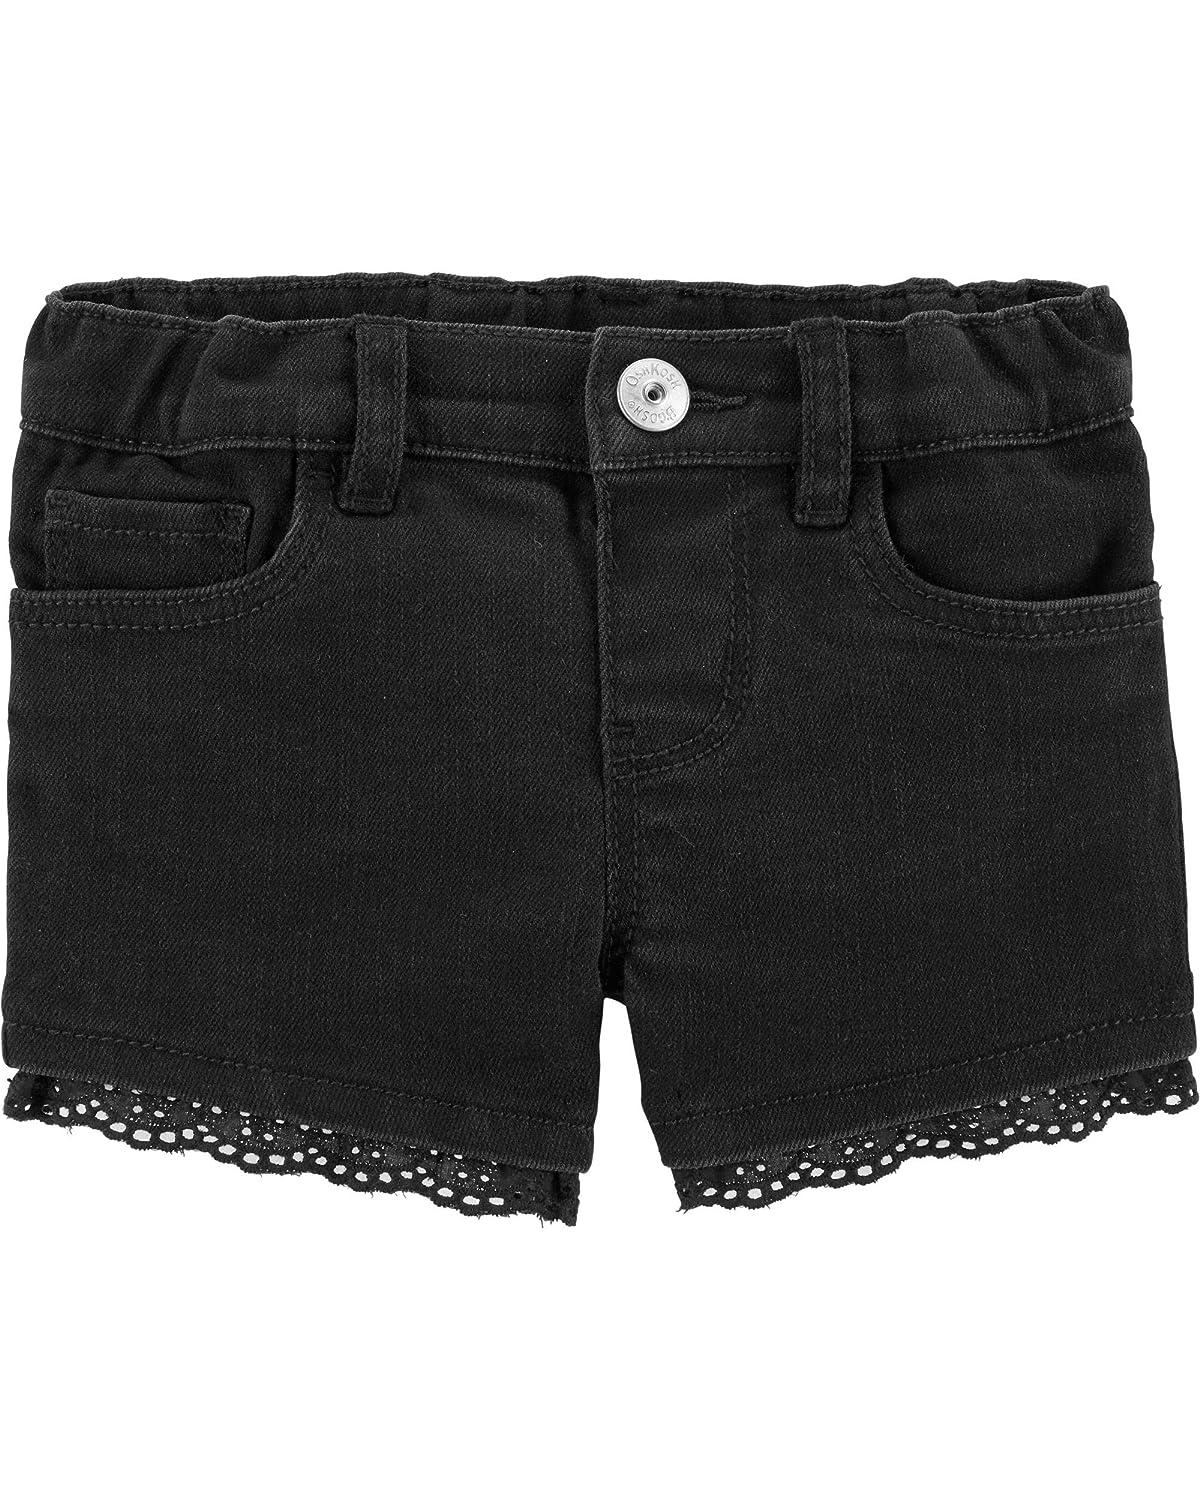 OshKosh BGosh Girls Denim Shorts